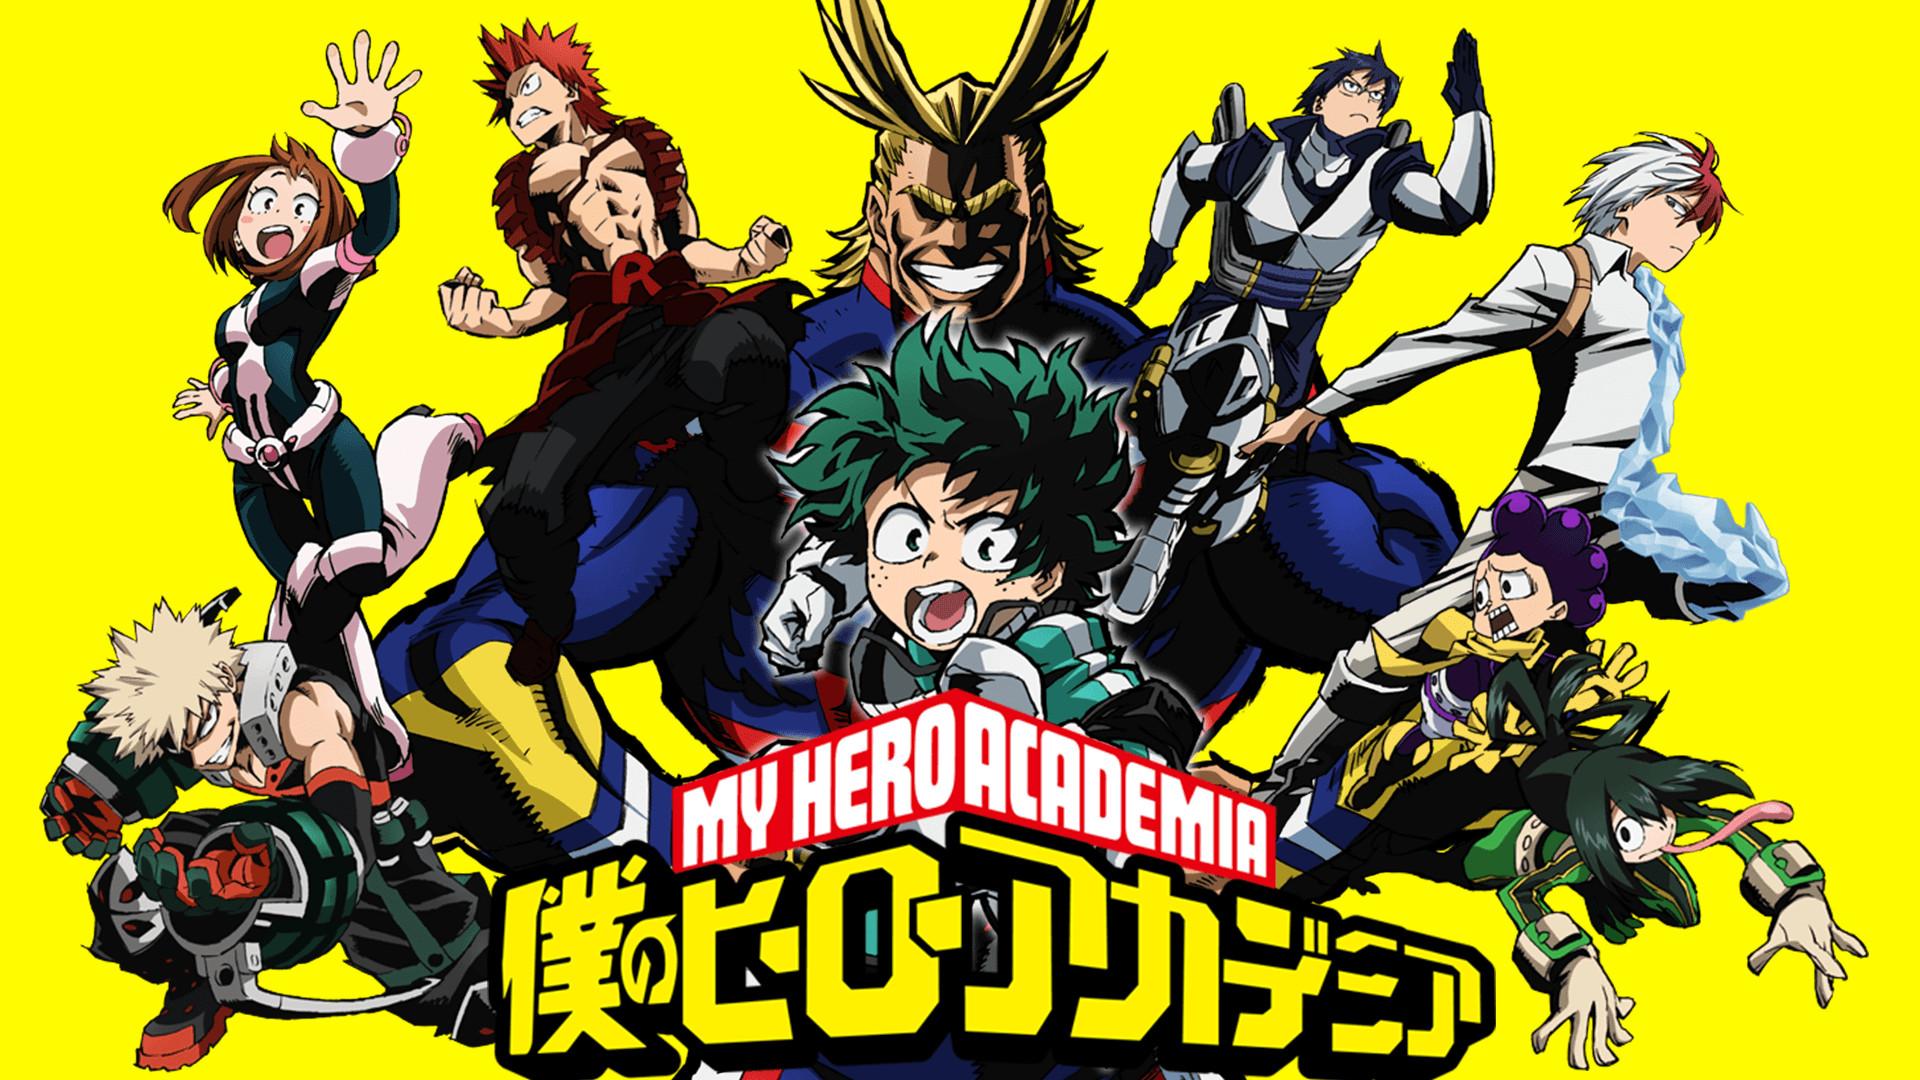 My Hero Academia Wallpapers My Hero Academia 13241 Hd